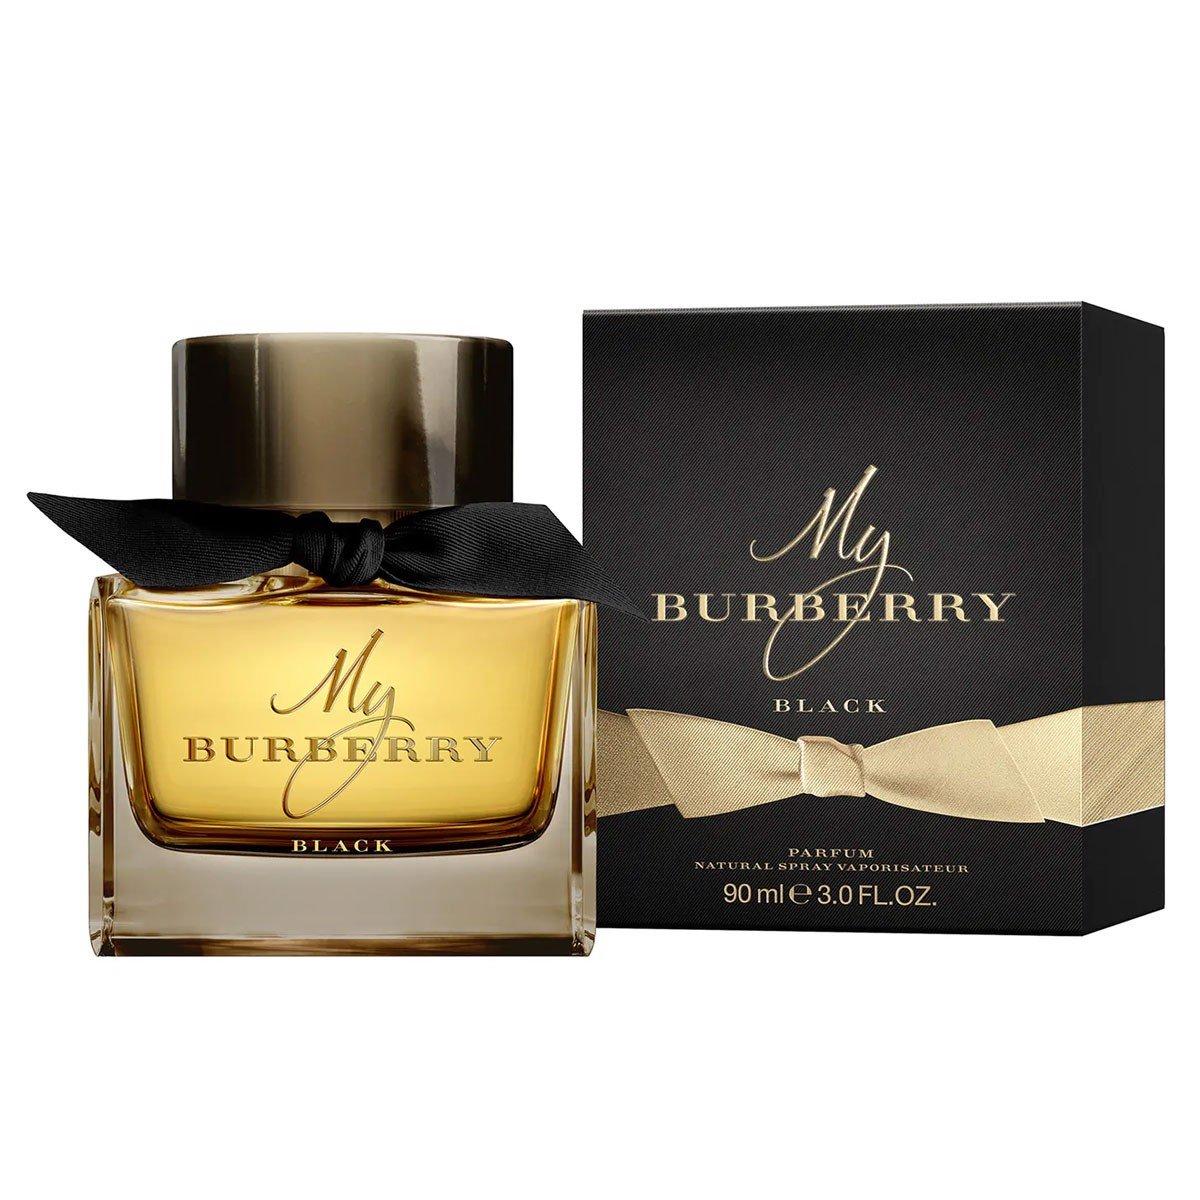 nuoc hoa nu my burberry black parfume 90ml